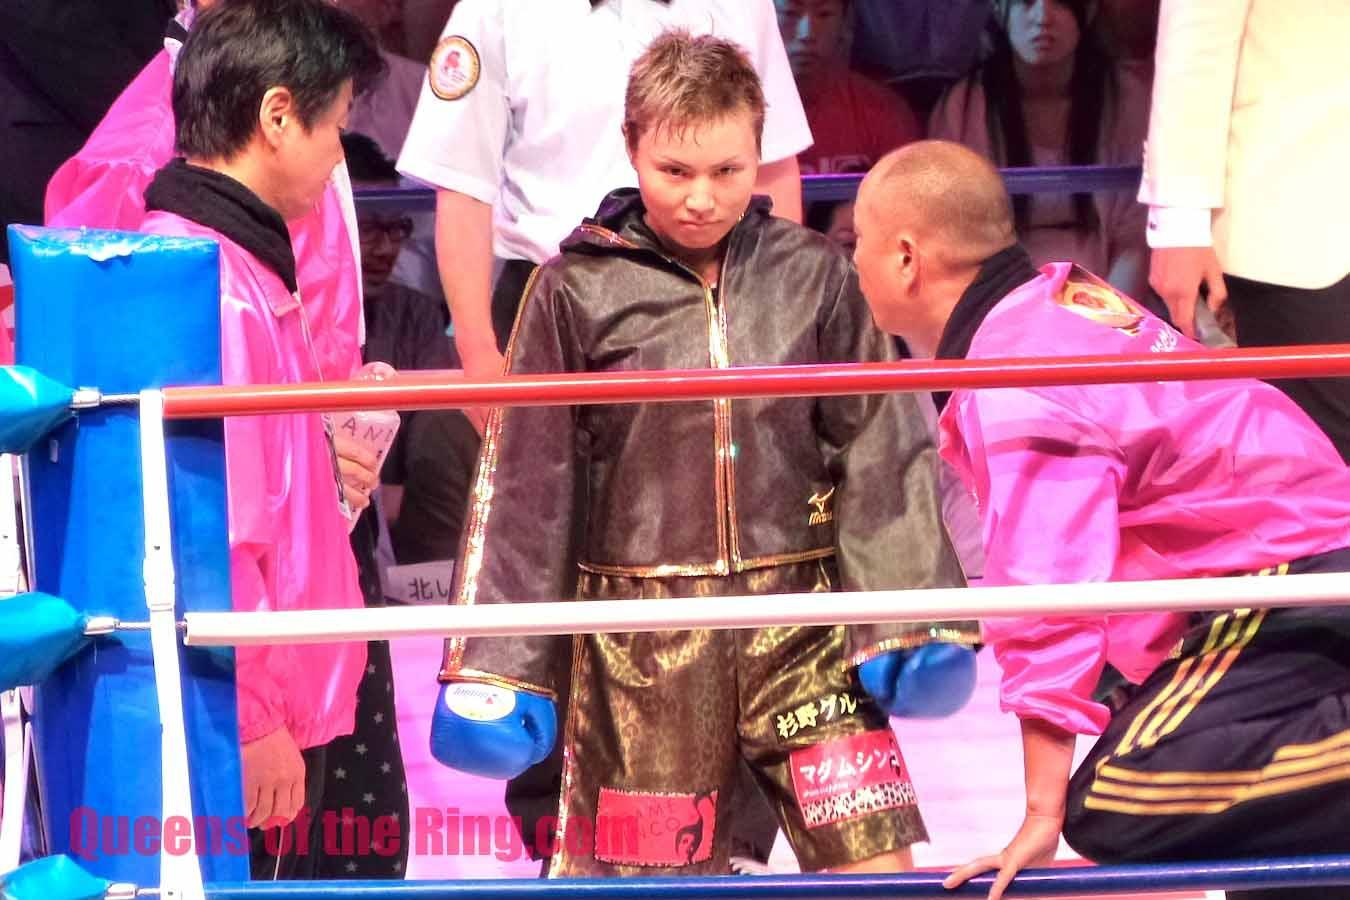 安藤麻里選手 こちらは挑戦者となってこのタイトルマッチに戻って来た安藤選手。鋭い目つ... ボク